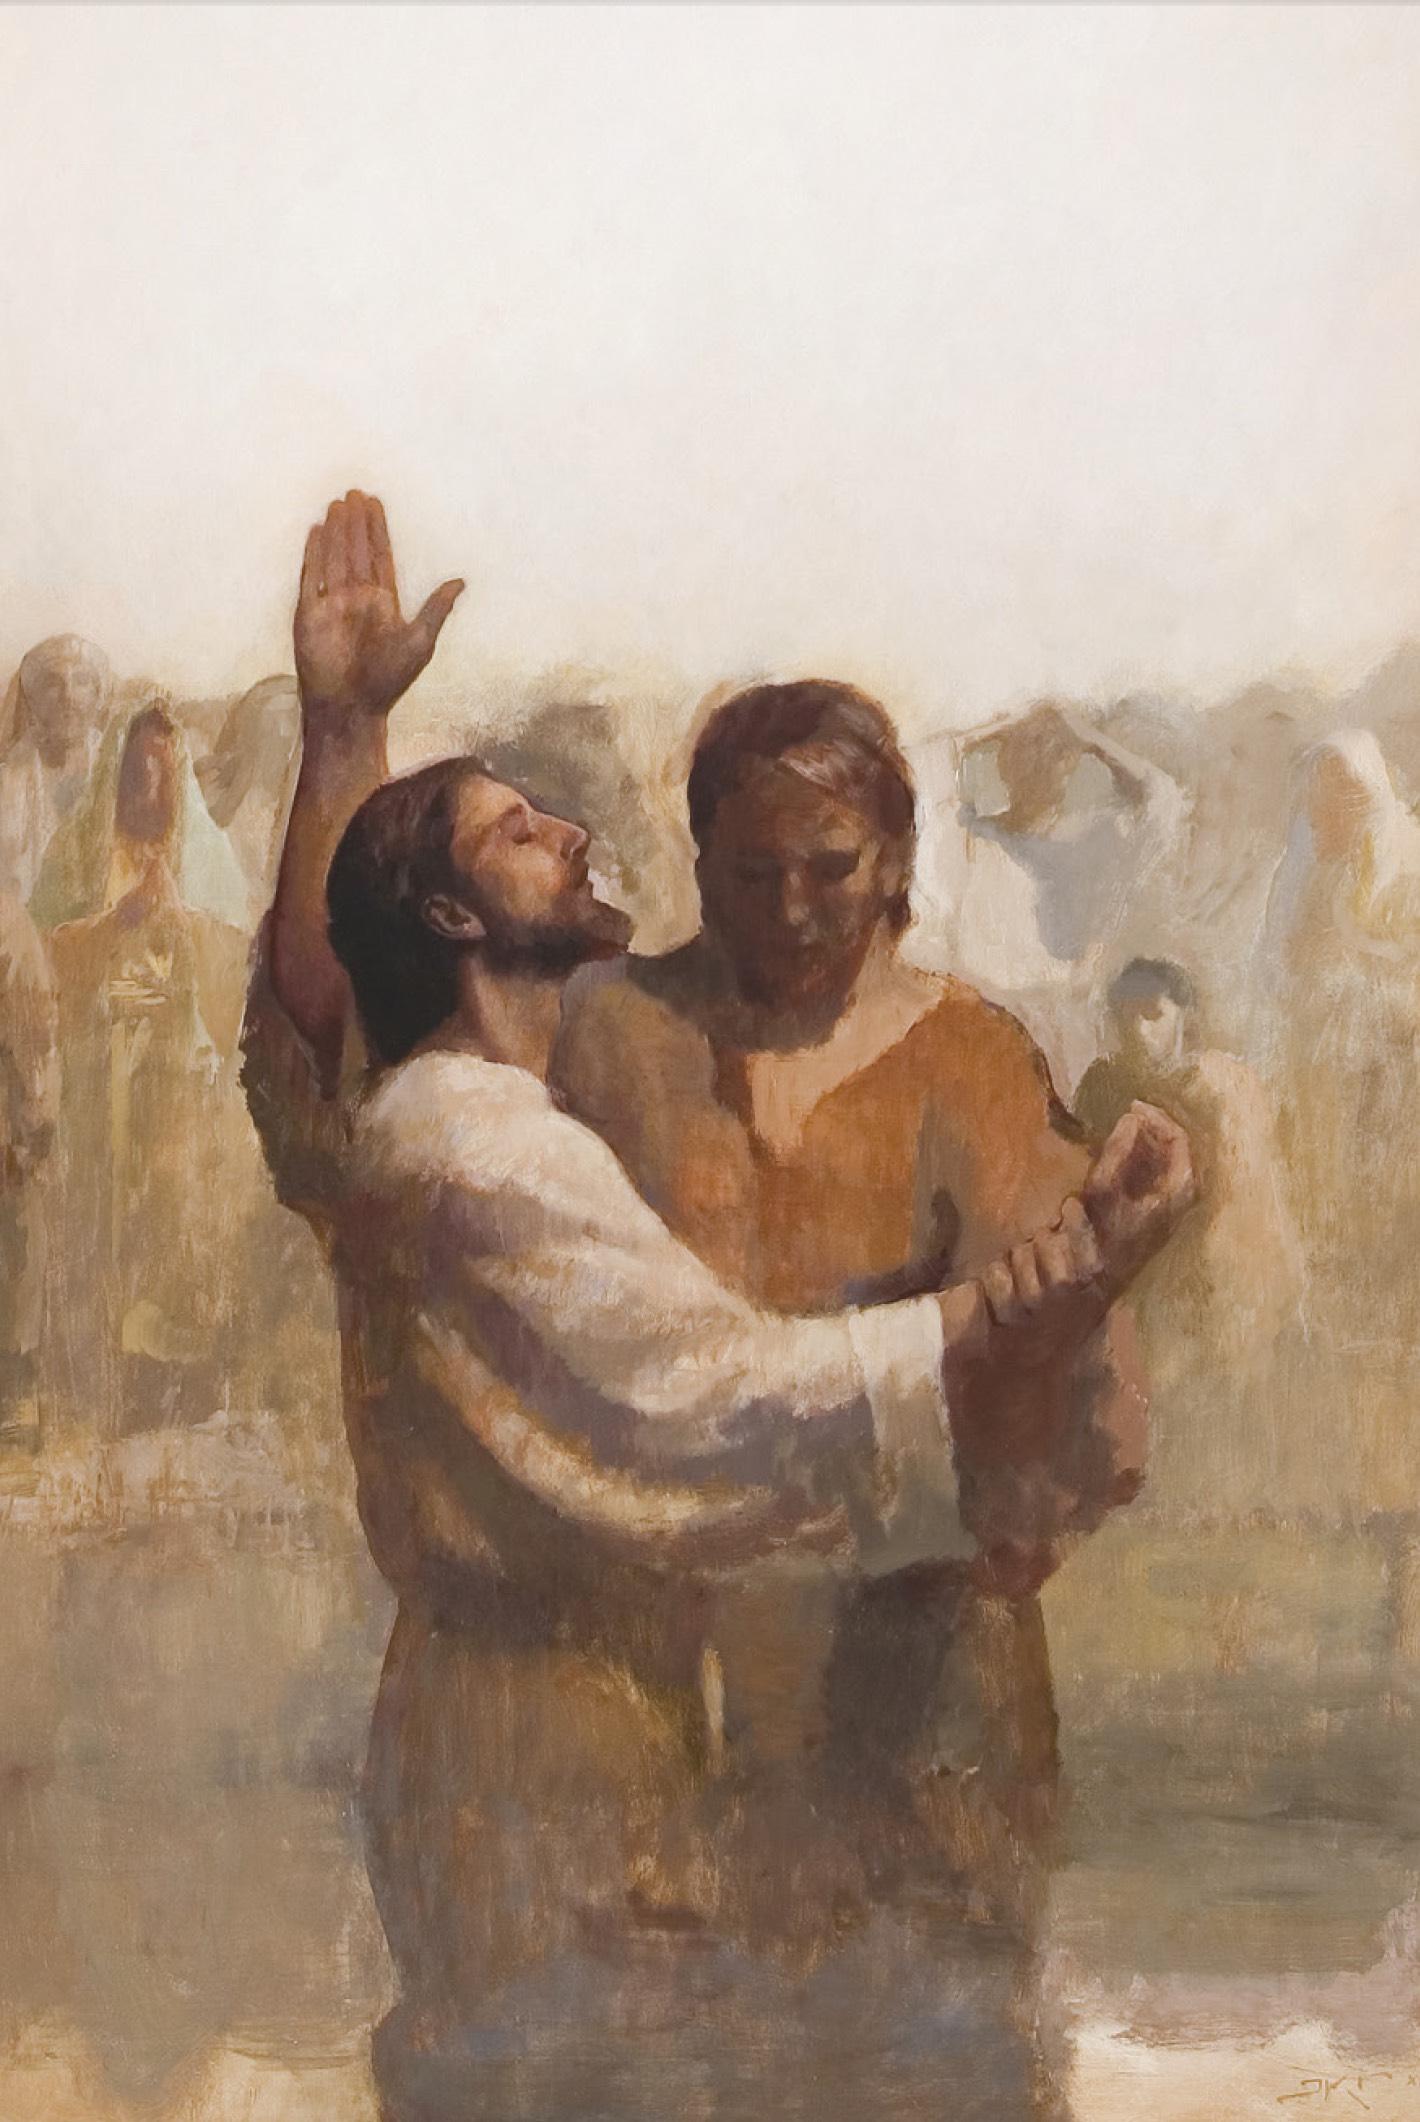 After mormon baptism i take him inside - 1 part 5